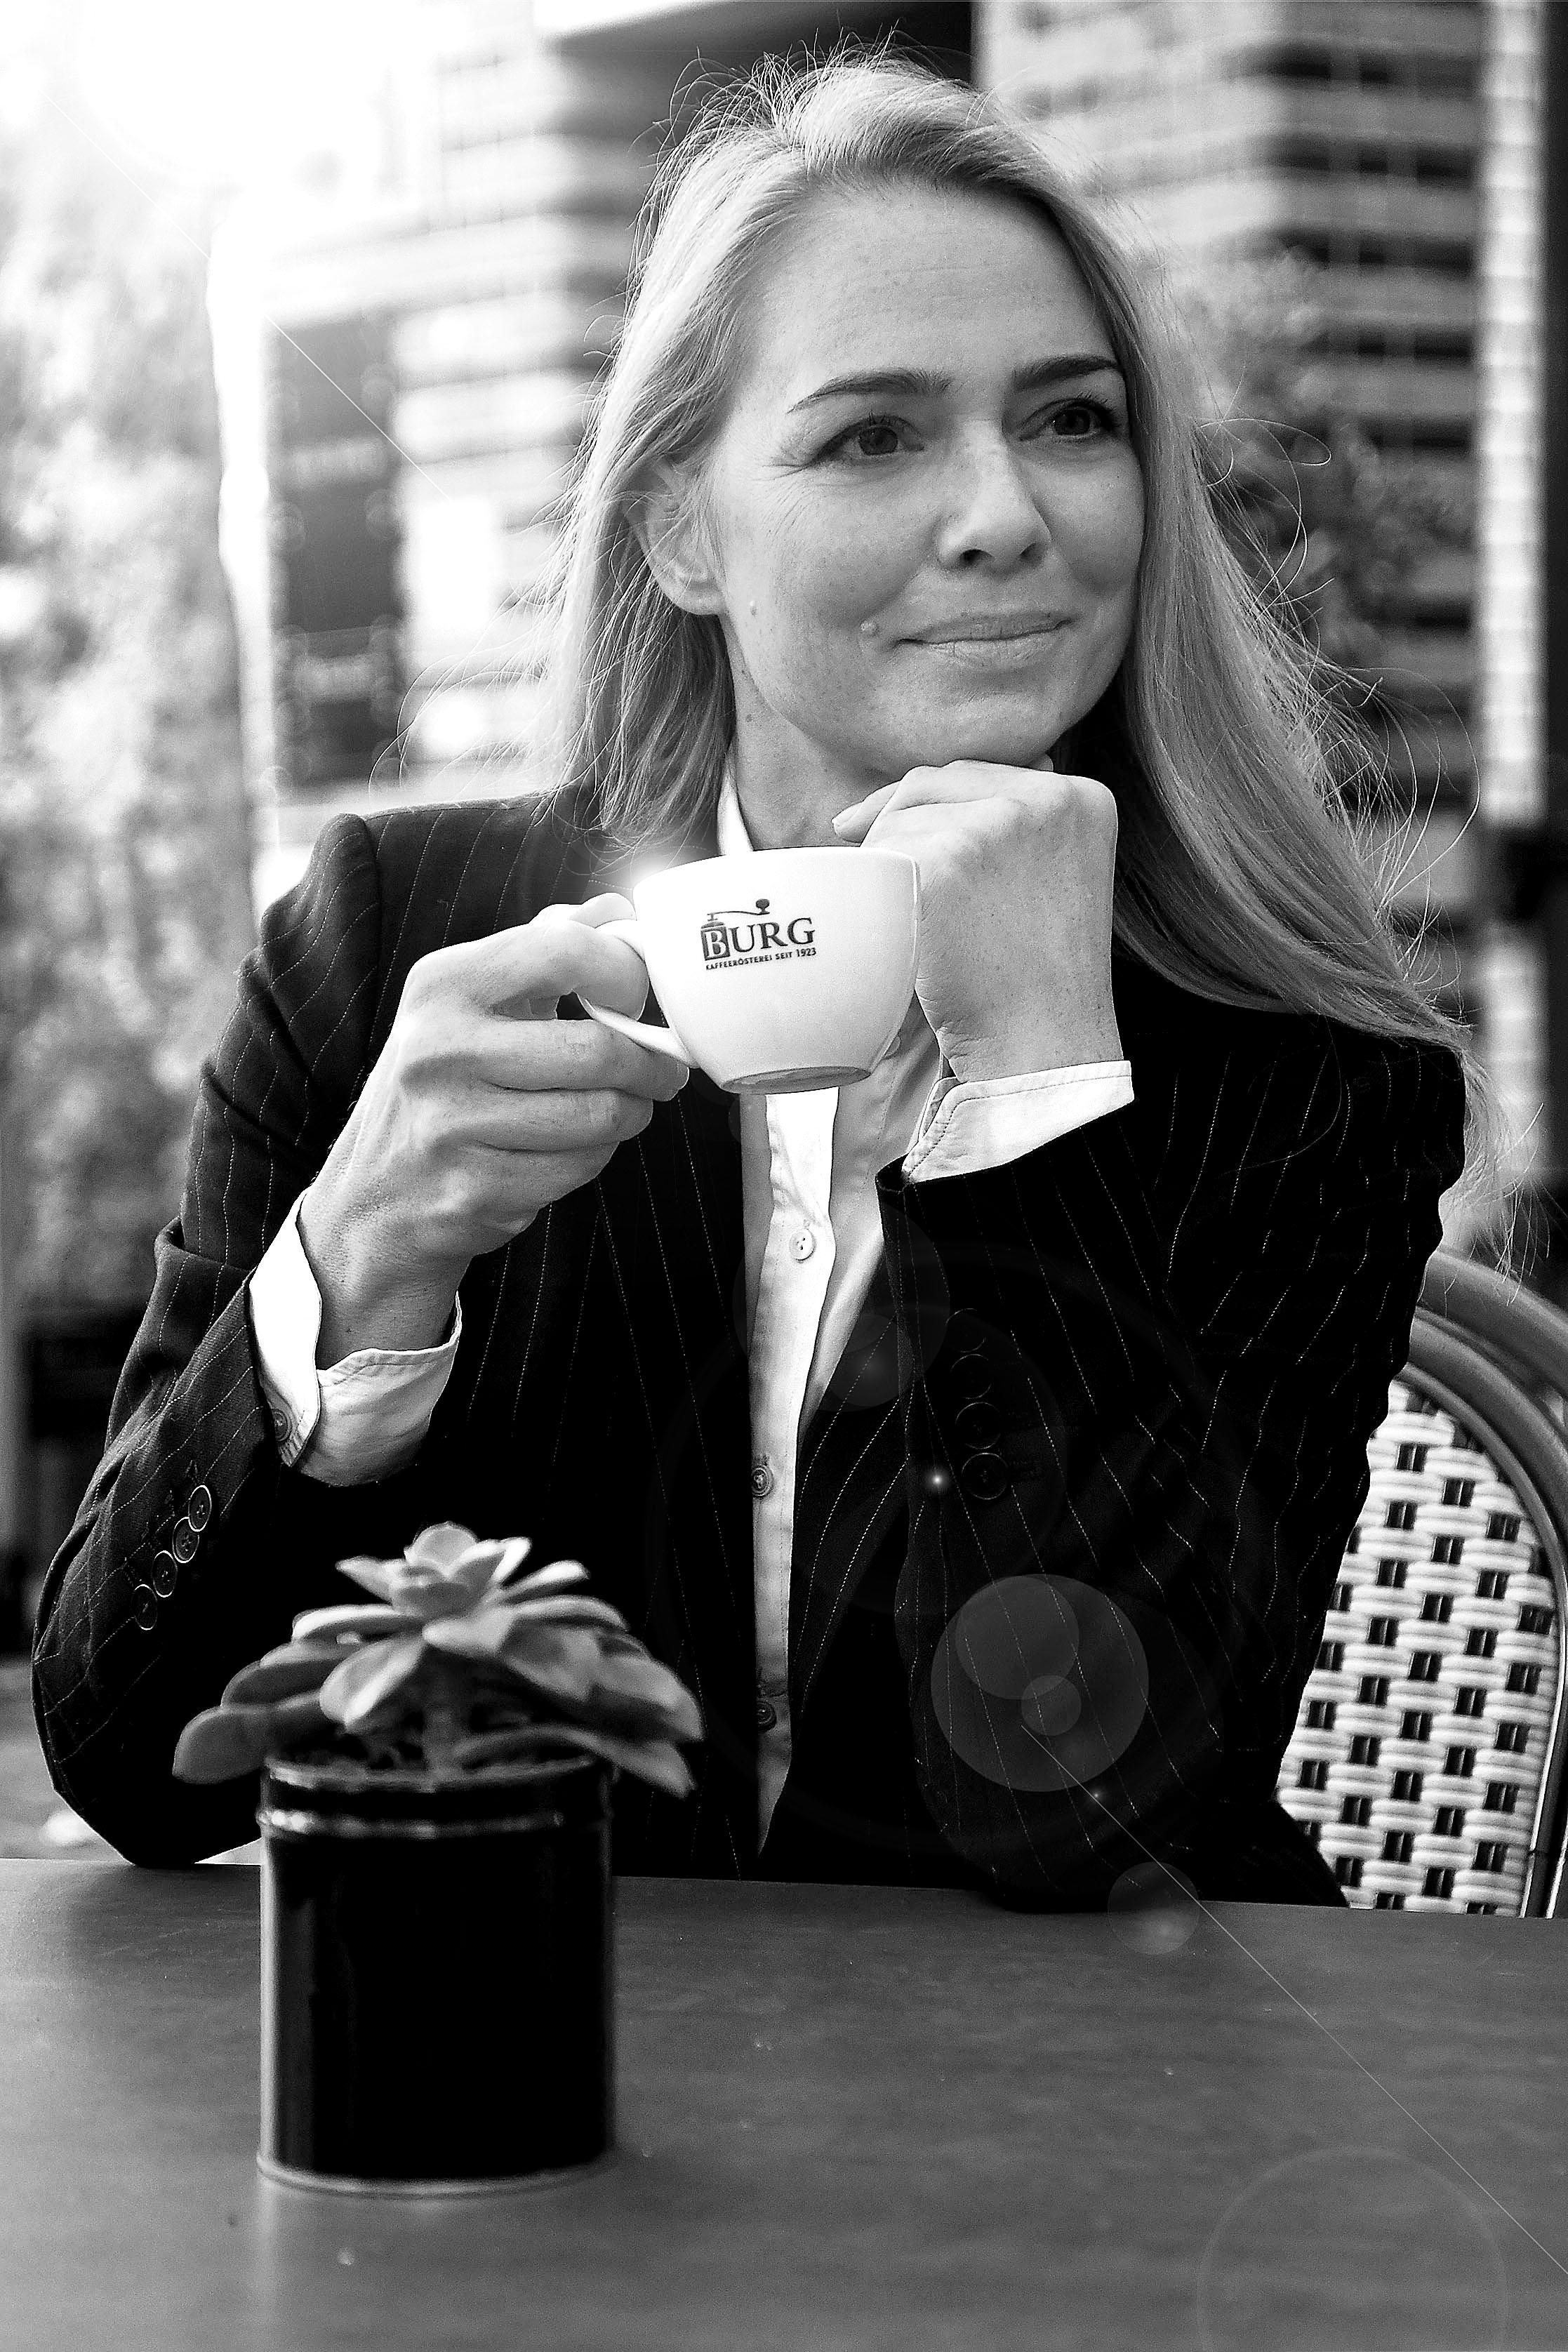 Foto: Michael B. Rehders - Während der Fotoaufnahmen könnten wir uns eine kleine Pause. Nathalie genießt ihren Kaffee im Wasserschloss.